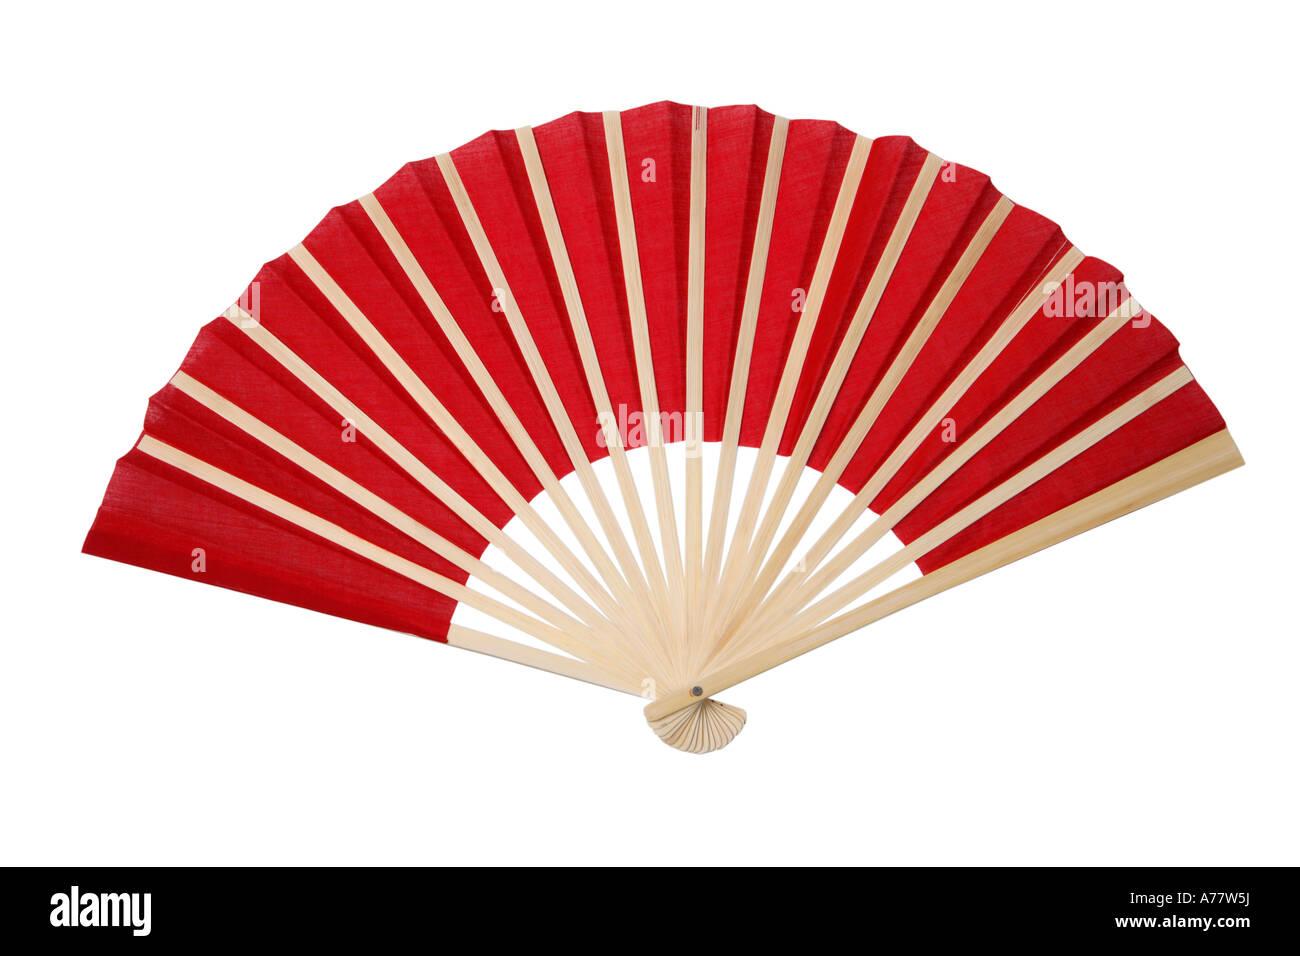 Corte del ventilador de Asia roja sobre fondo blanco. Imagen De Stock